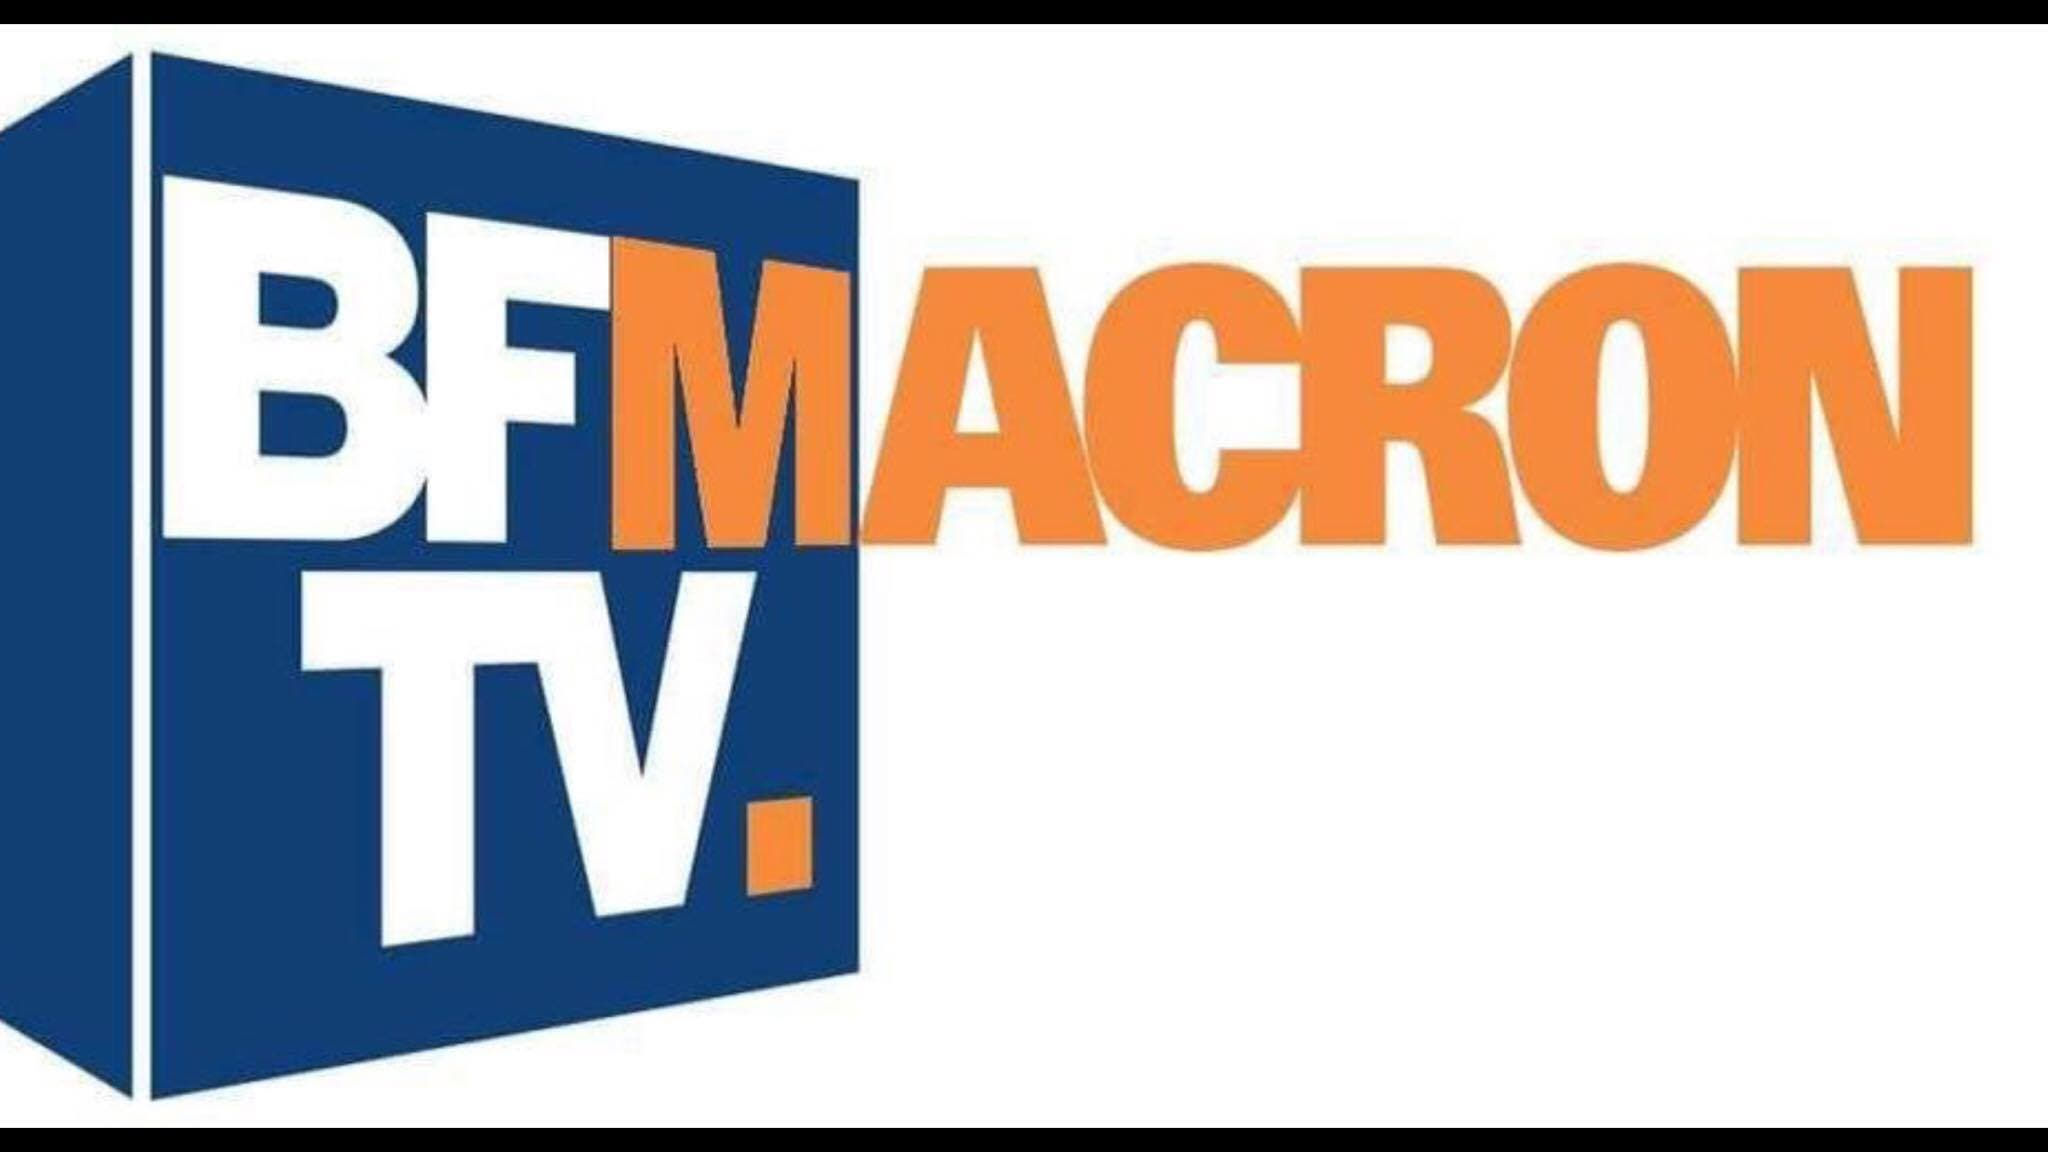 bfmacron